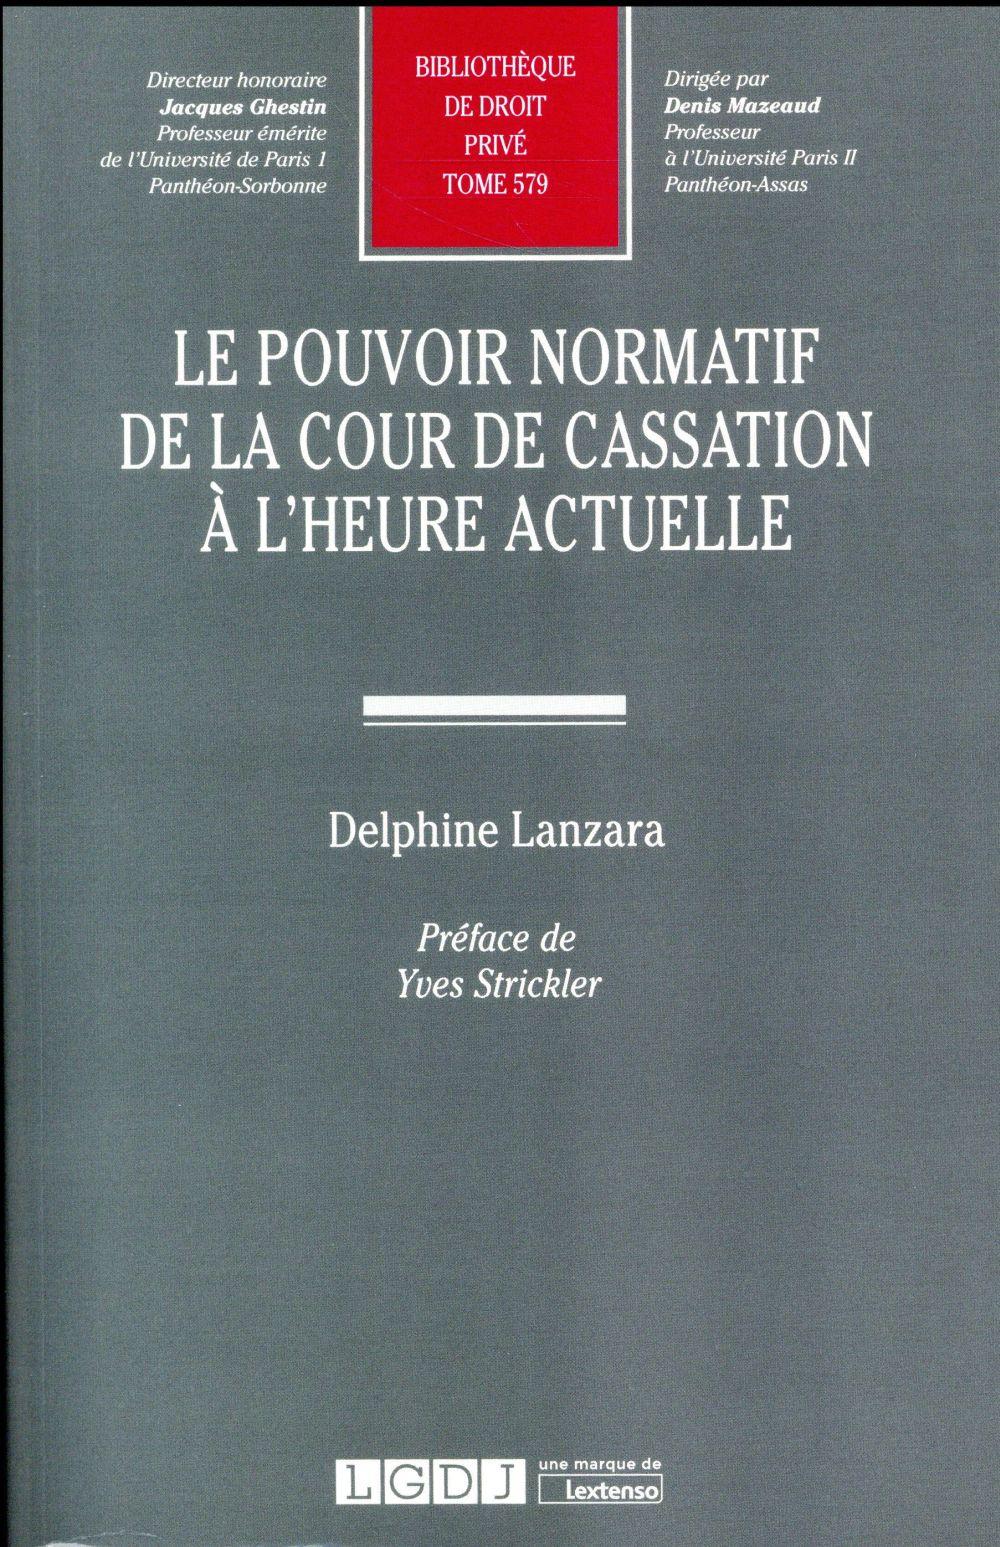 LE POUVOIR NORMATIF DE LA COUR DE CASSATION A L'HEURE ACTUELLE